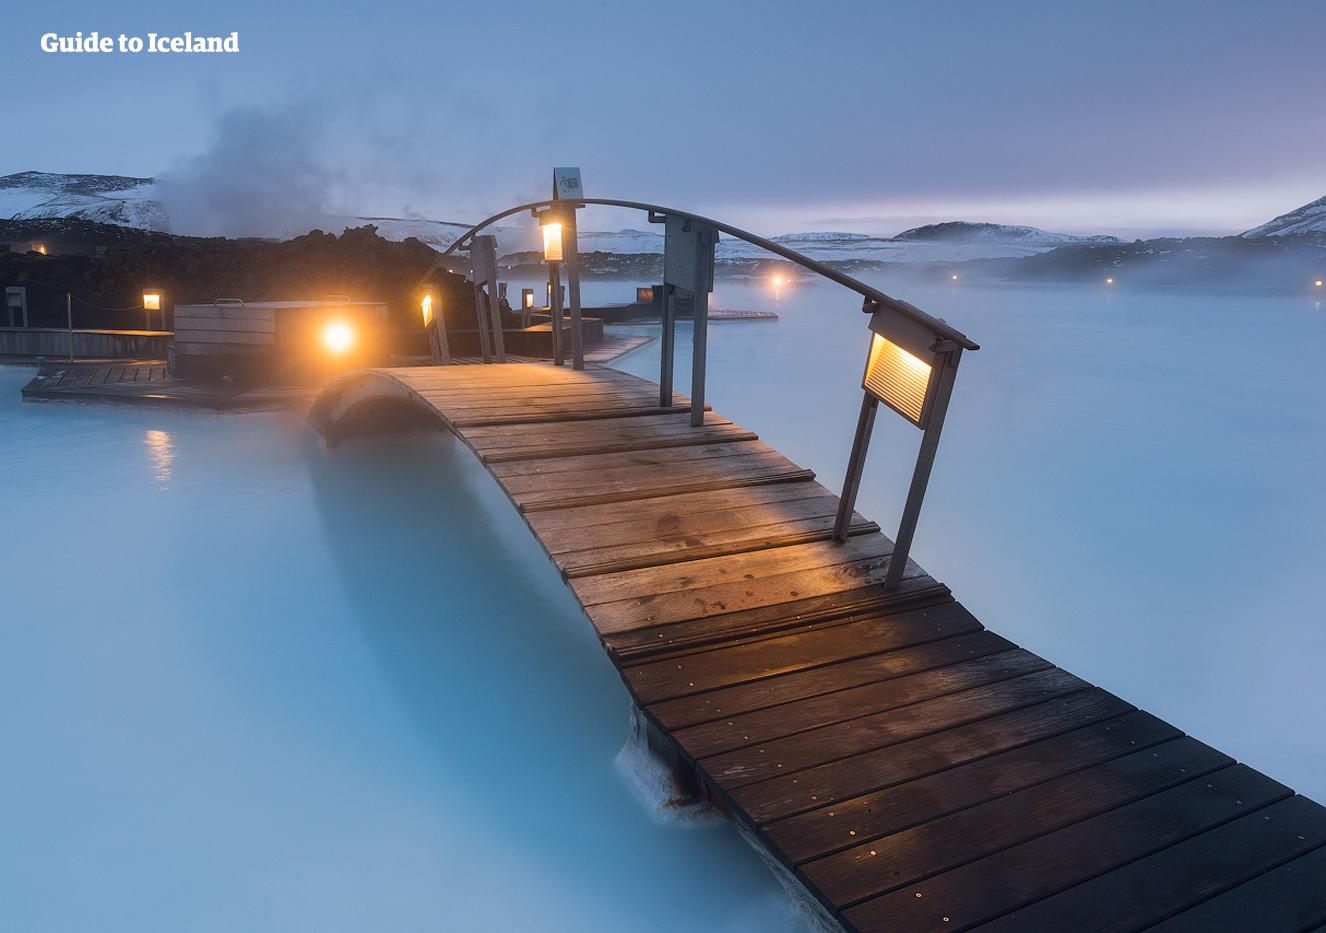 Ein Entspannungsbad im warmen geothermischen Wasser der Blauen Lagune - umgeben von tiefschwarzer, schneebedeckter Lava - ist ein Erlebnis, das man nicht so schnell vergisst